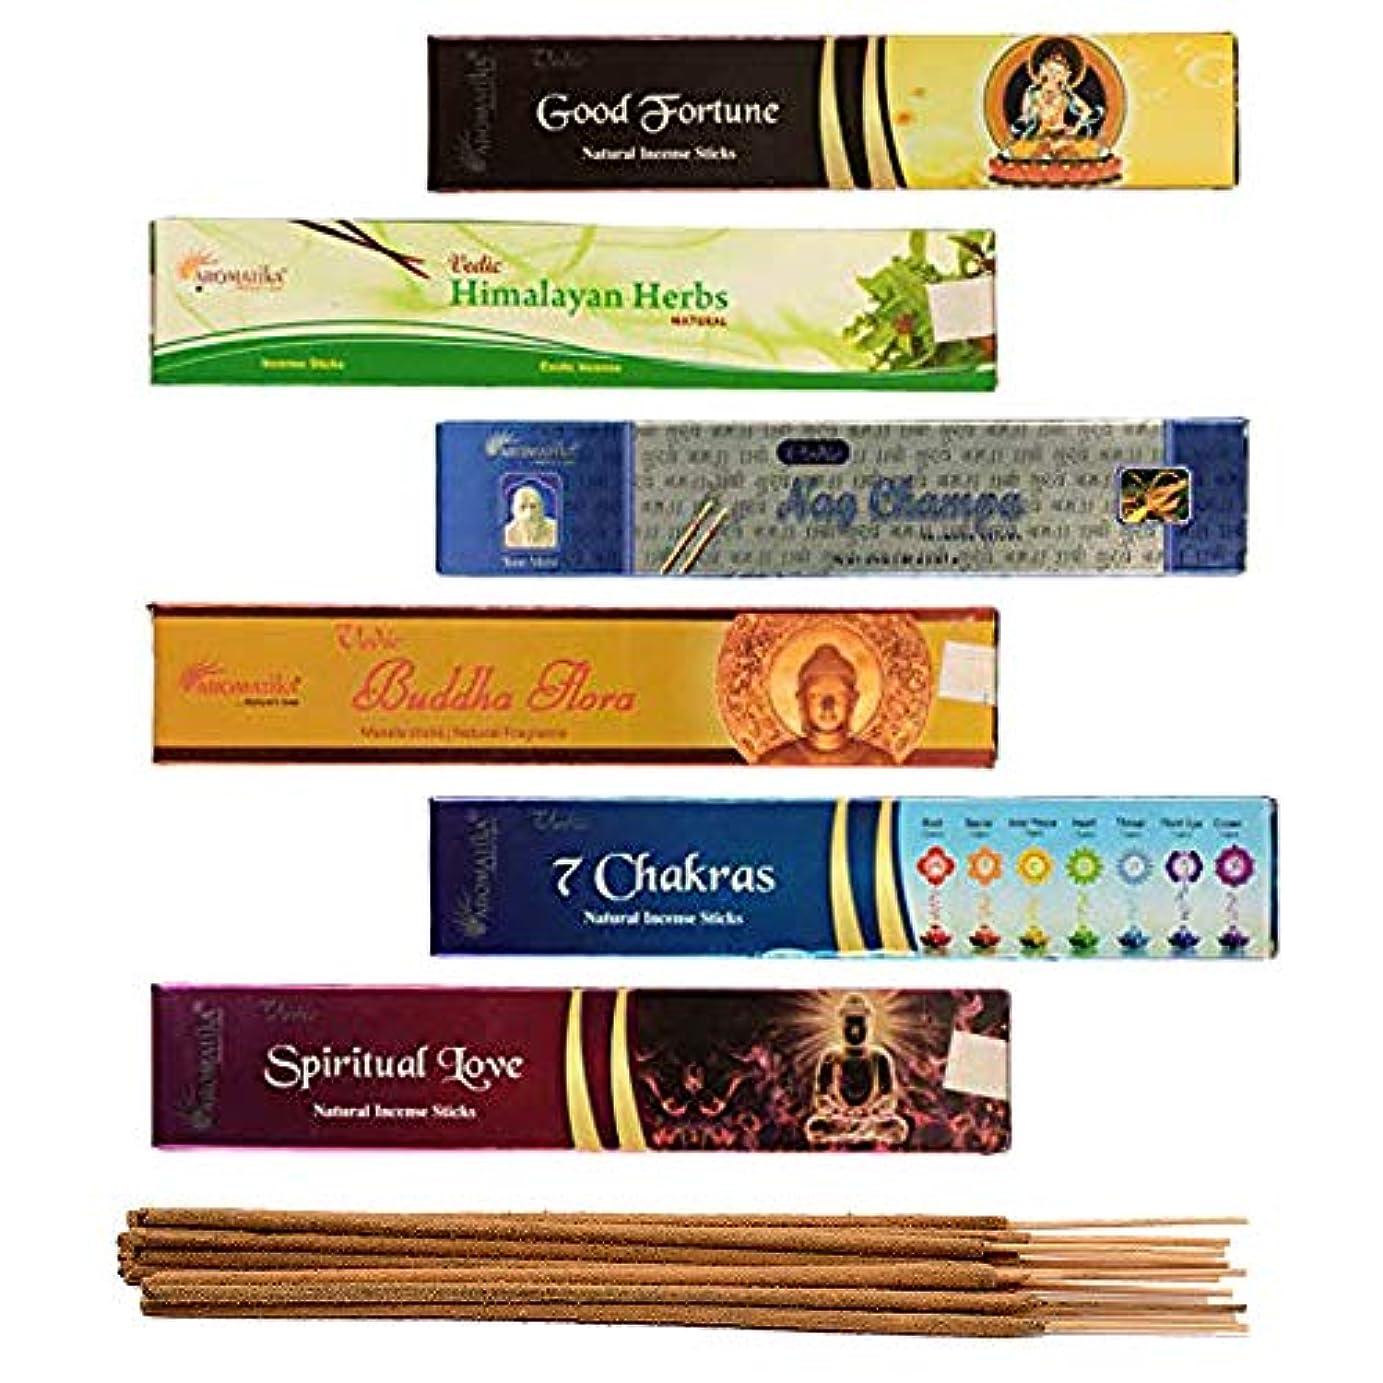 純粋なスーツケース終わりaromatika 6 Assorted Masala Incense Sticks Vedic Nag Champa、7チャクラ、ブッダFlora、Himalayanハーブ、Good Fortune、Spiritual...